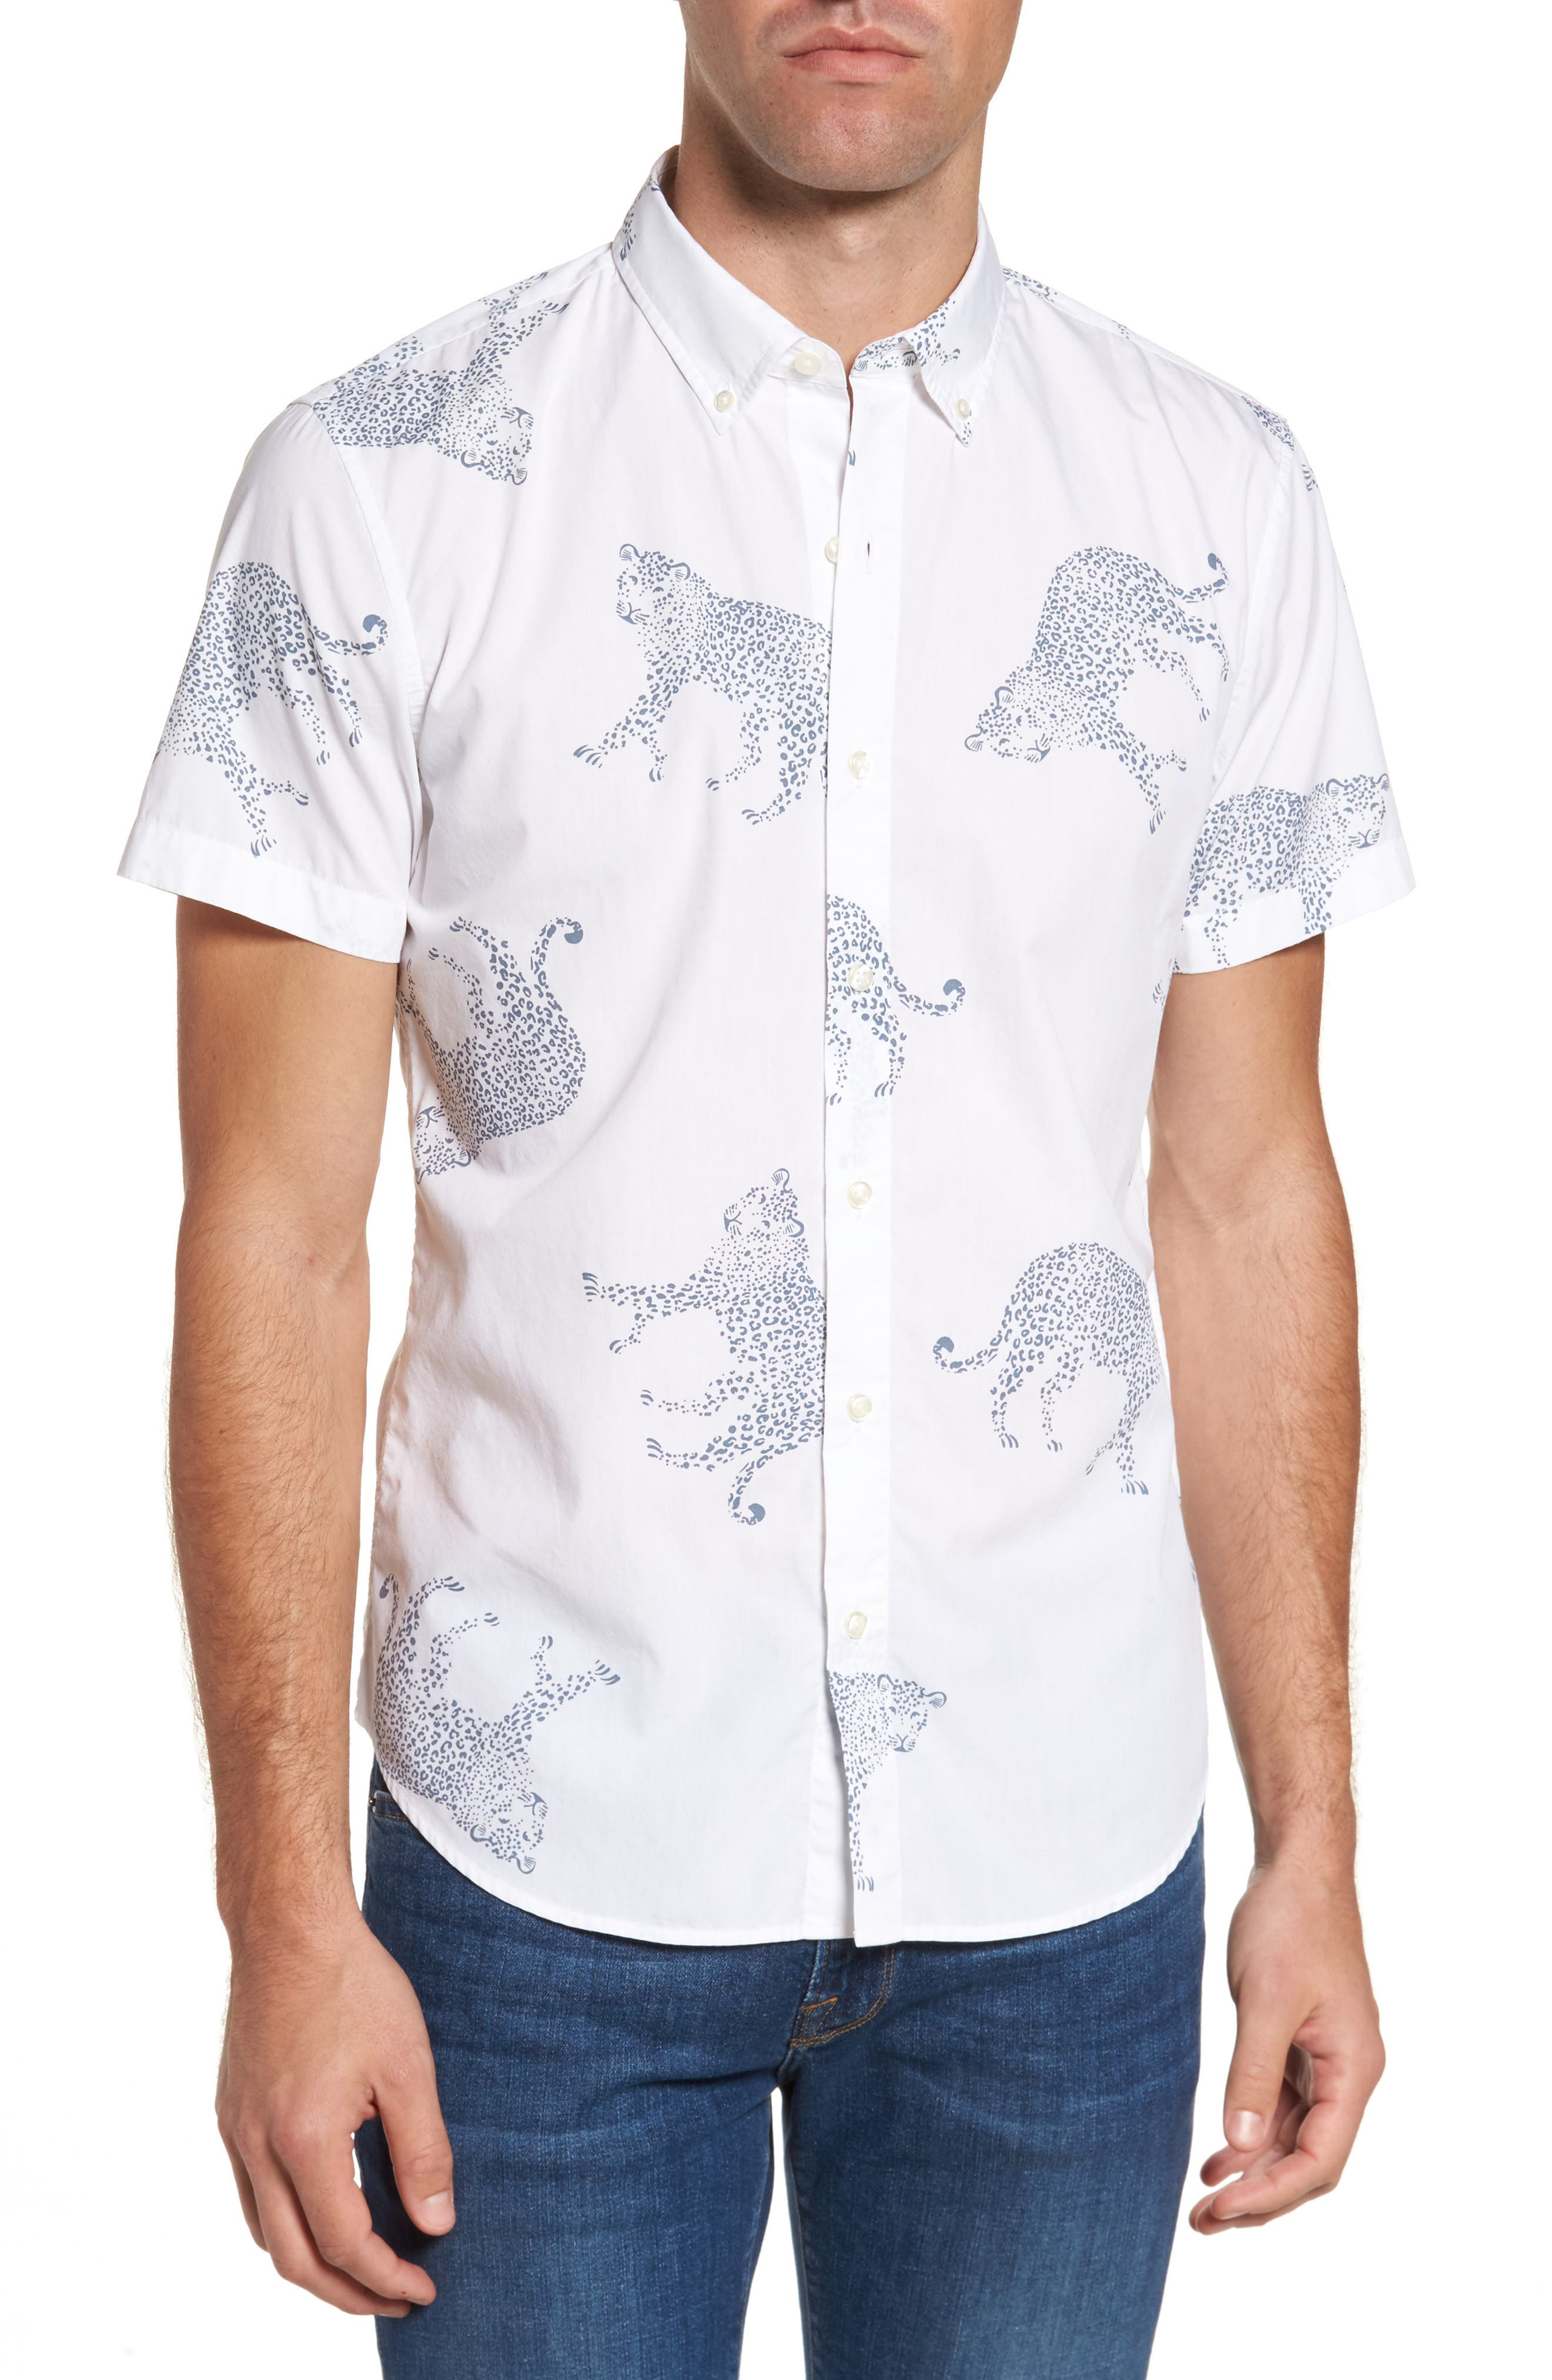 Alternate Image 1 Selected - Bonobos Slim Fit Cheetah Print Sport Shirt